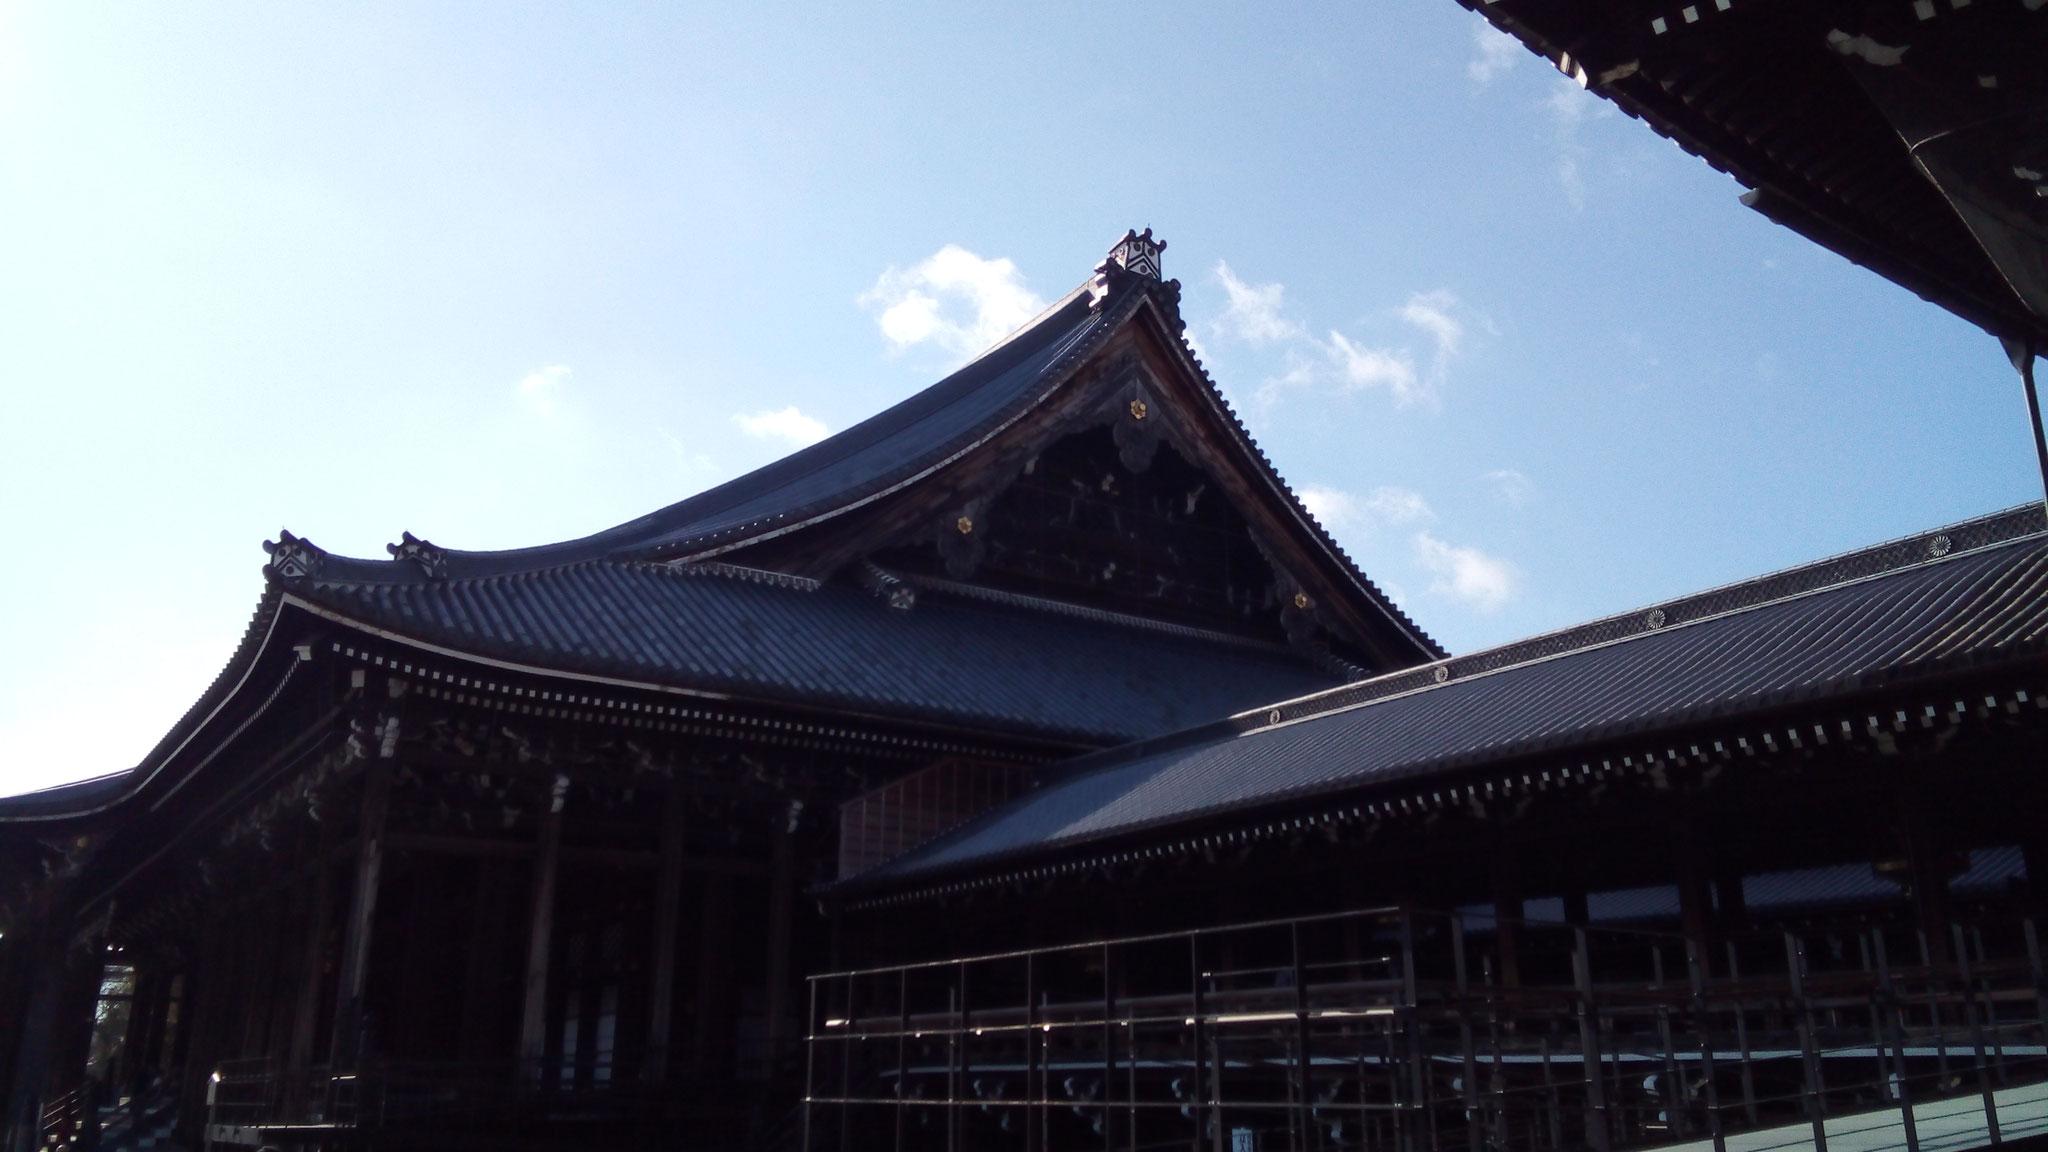 親鸞聖人像が安置されている御影堂(ごえいどう)(国宝)